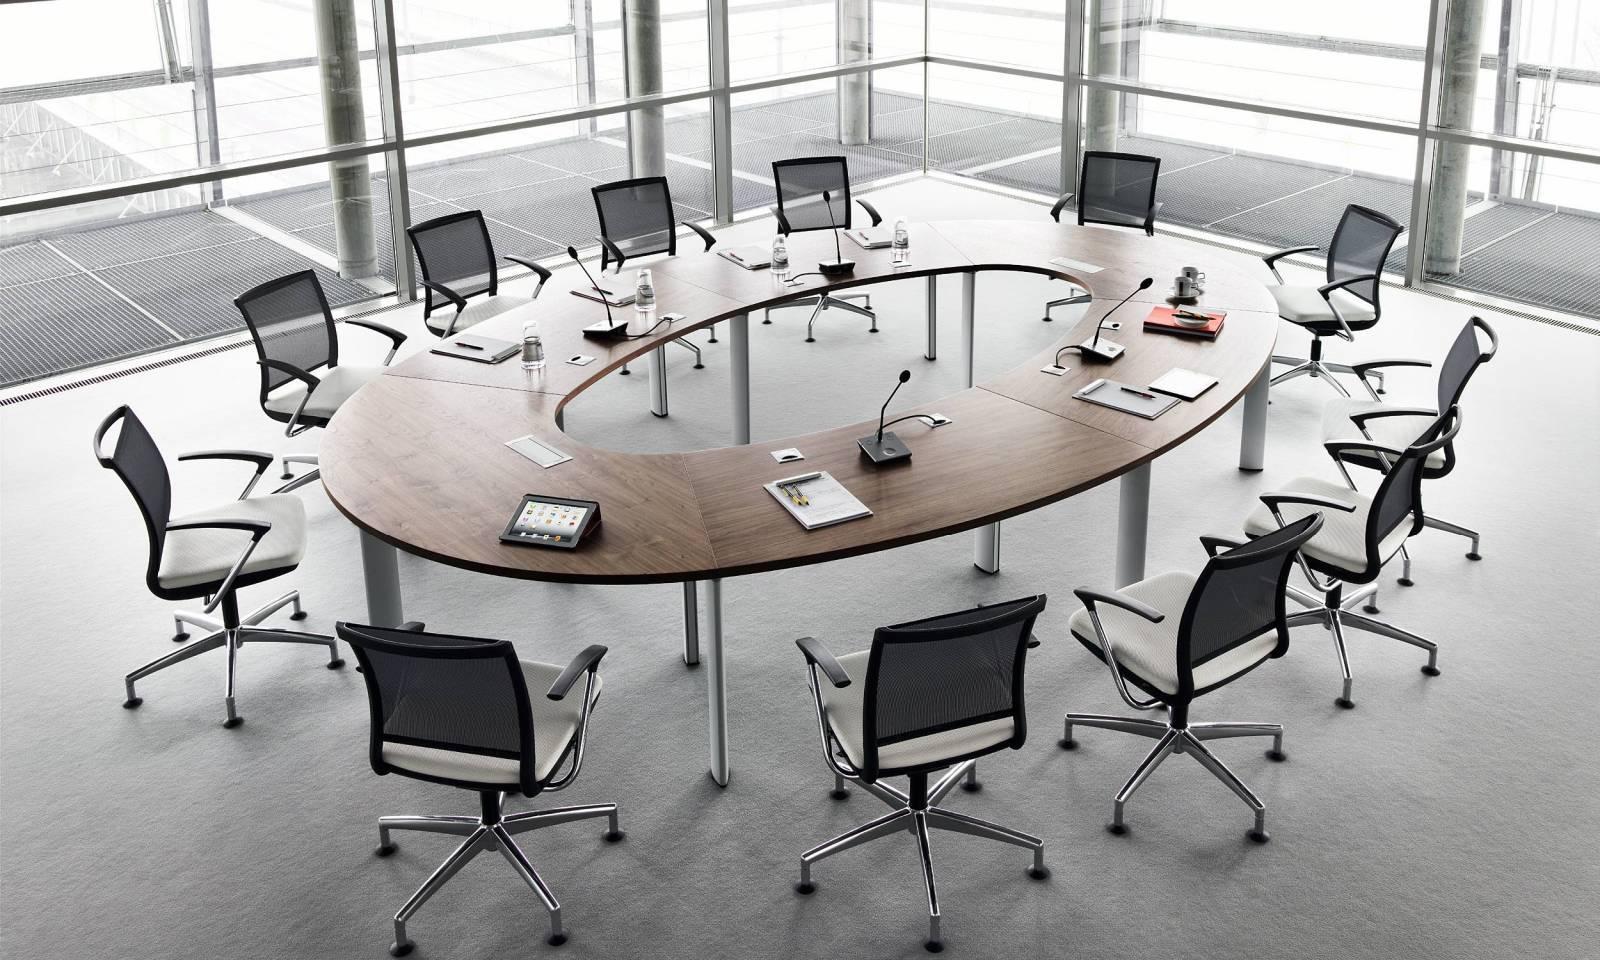 Table de réunion haut de gamme modulable grace à son système de fixation des pieds. Sur Marseille